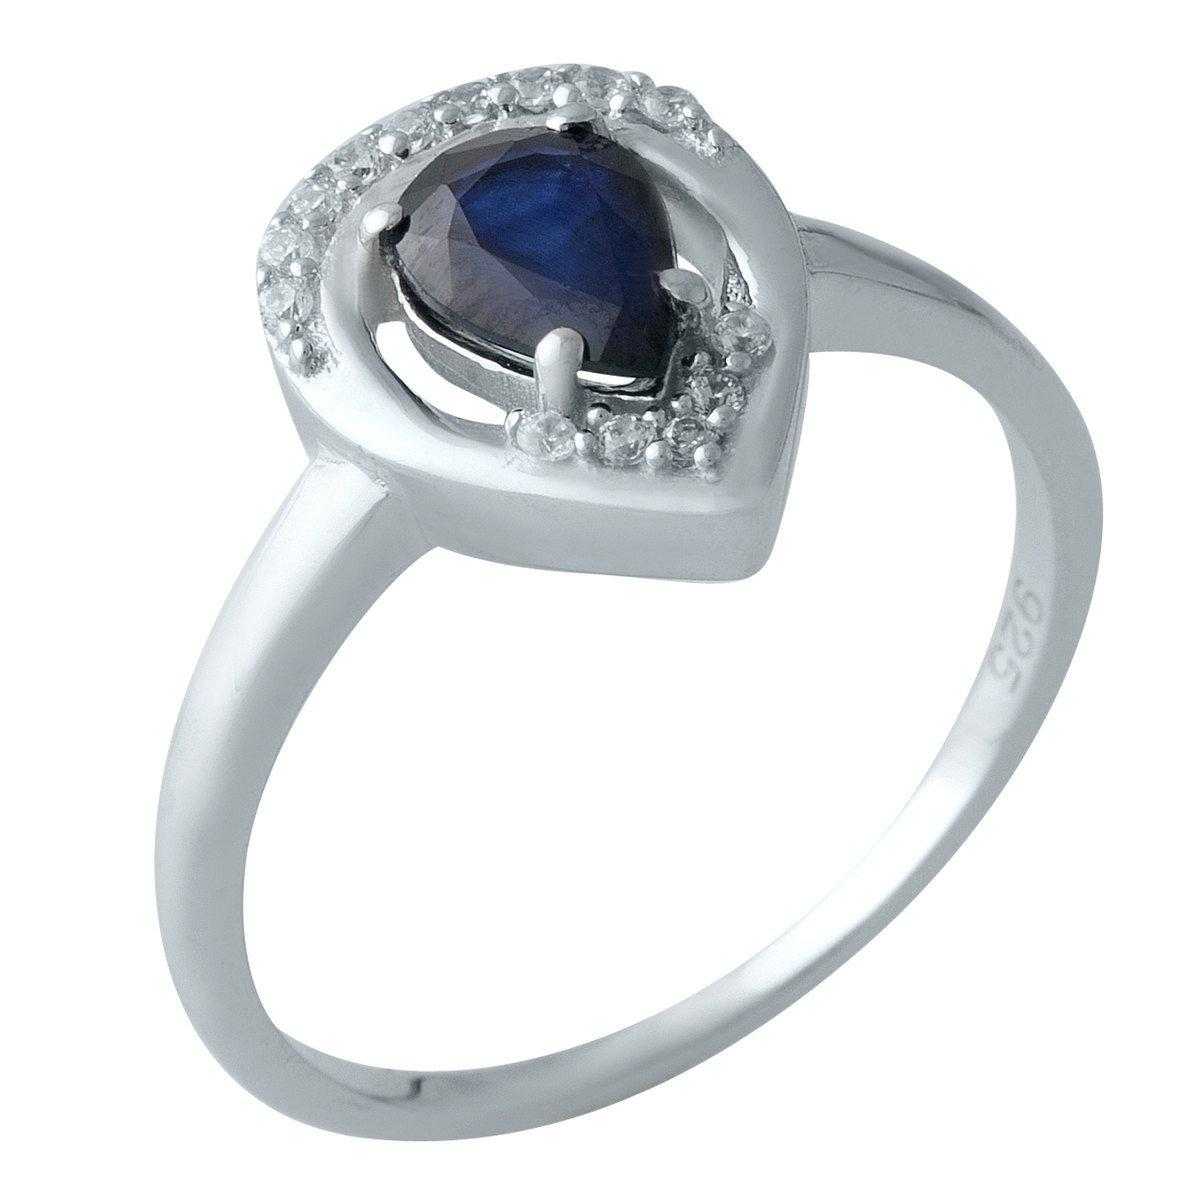 Серебряное кольцо DreamJewelry с натуральным сапфиром (2000563) 18 размер